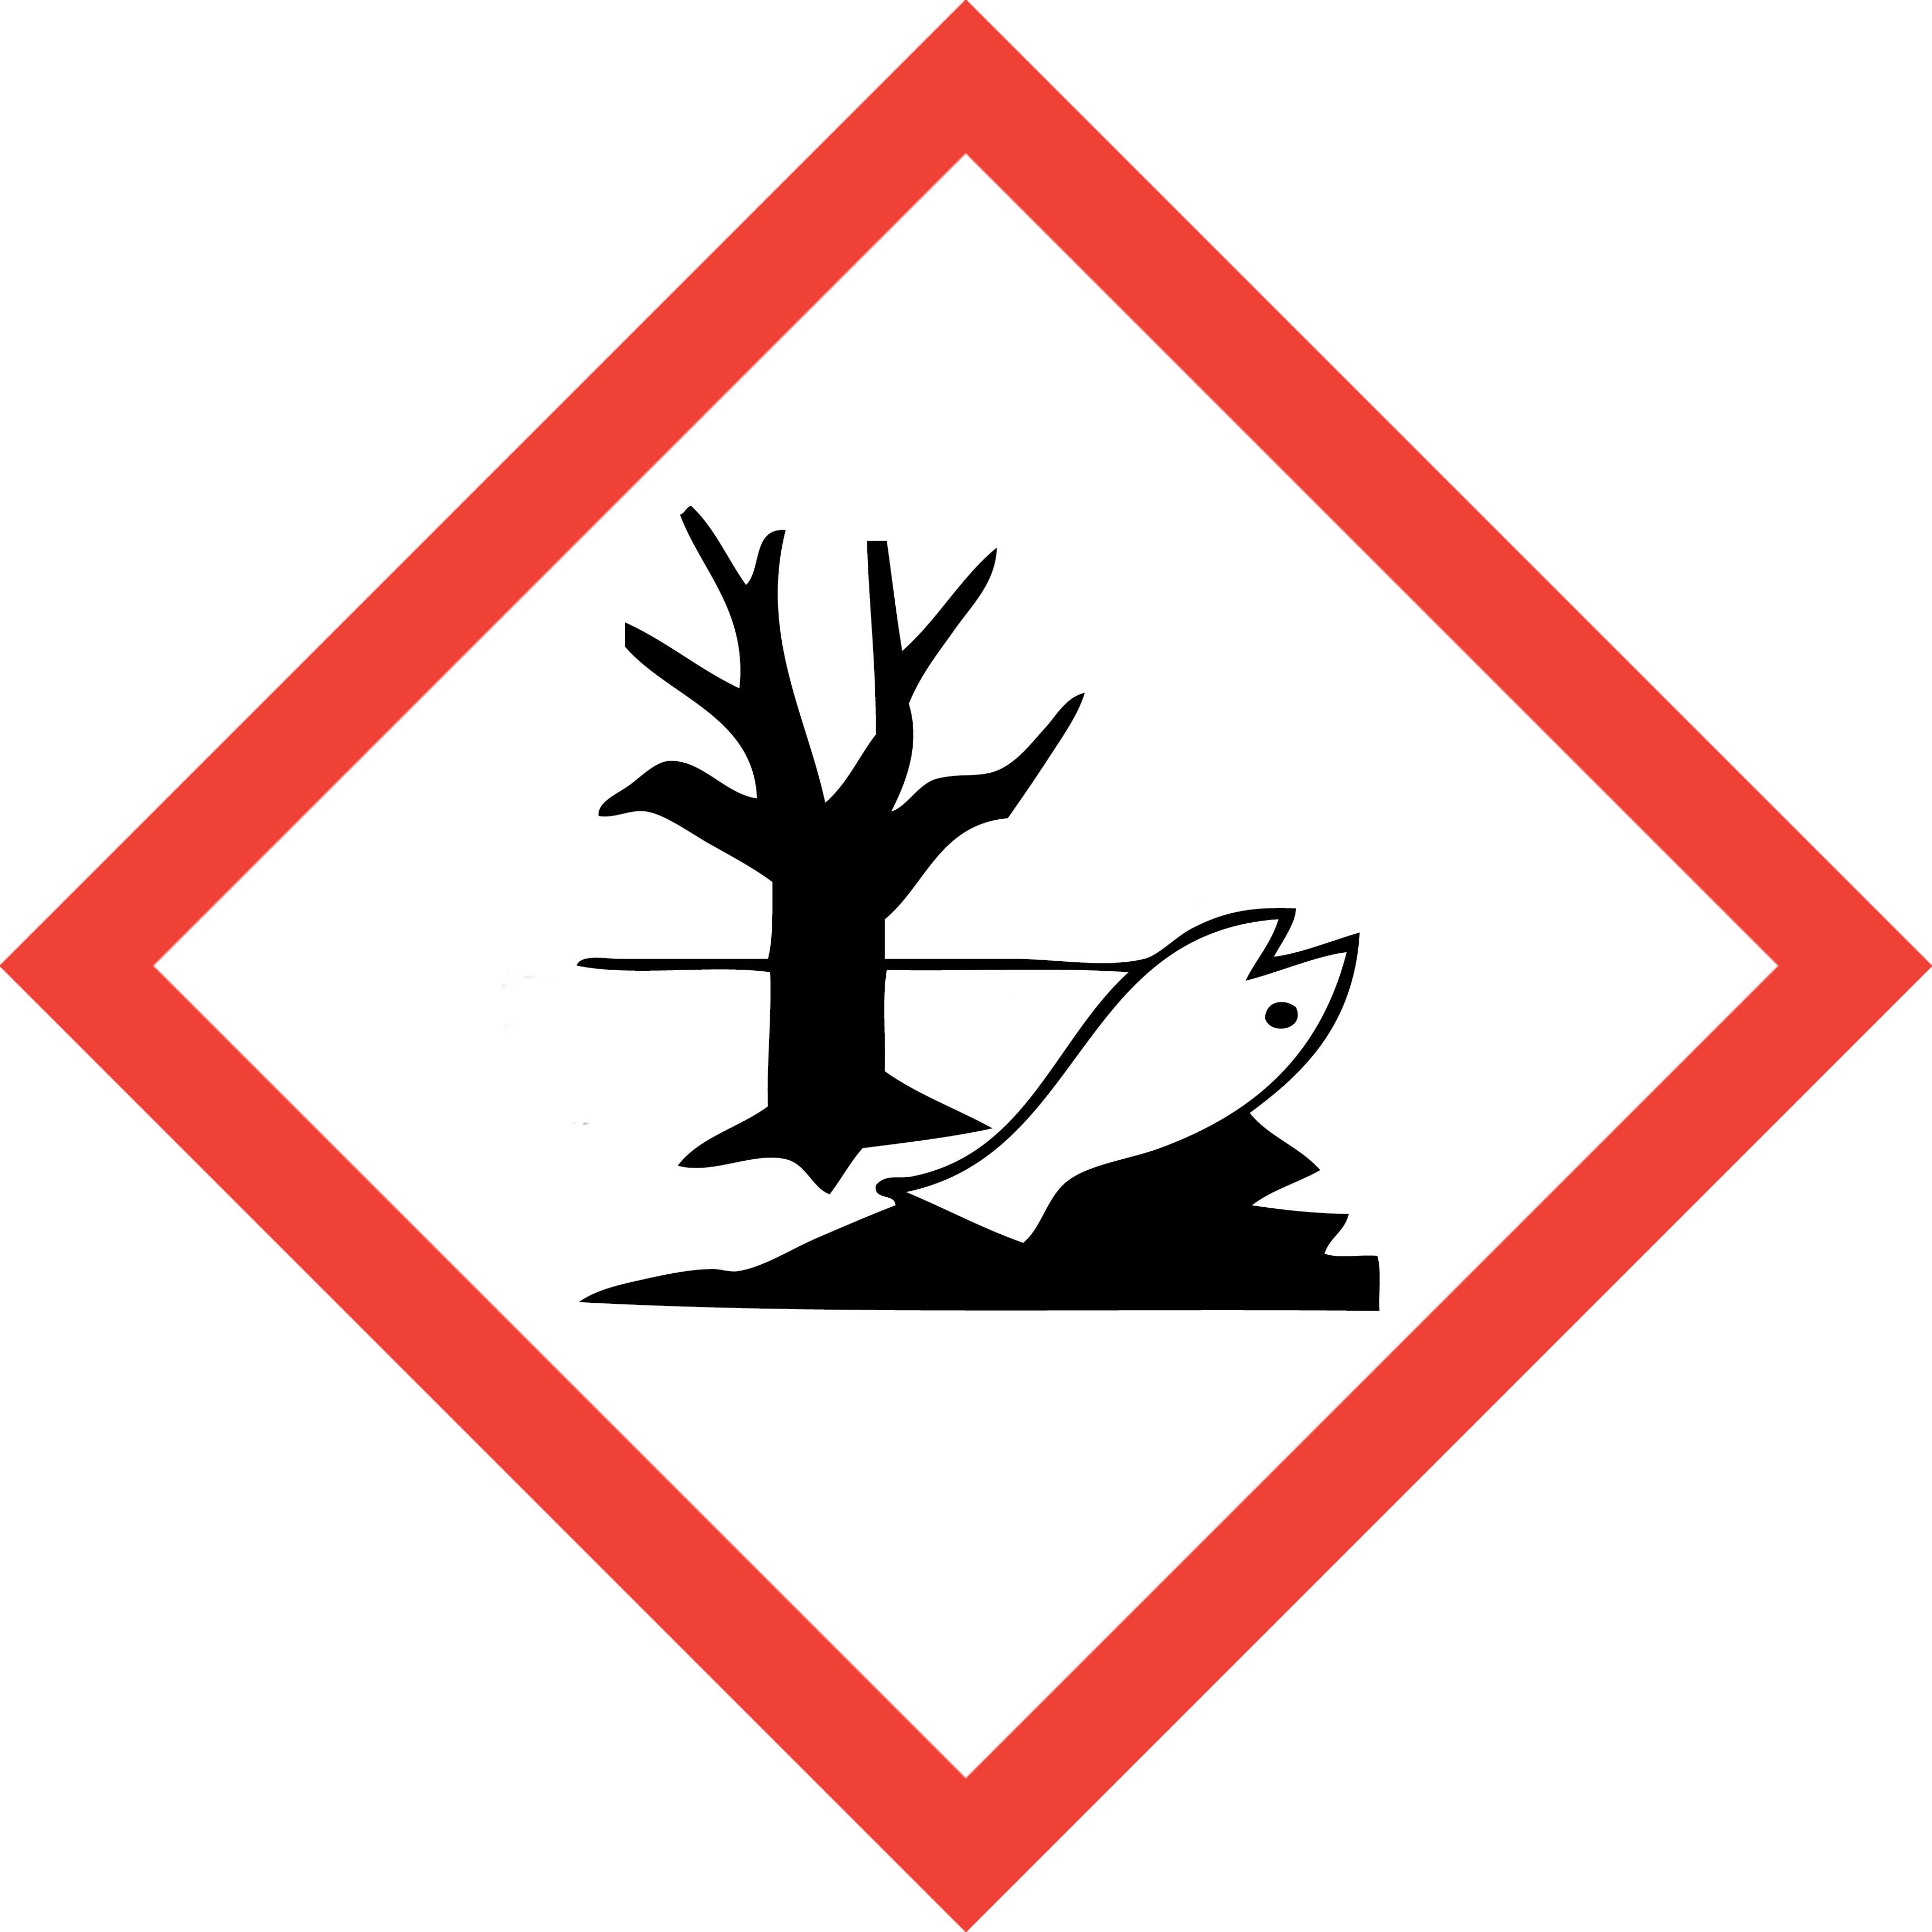 Toxic clipart uranium Uranium SDS Powder Uranium com